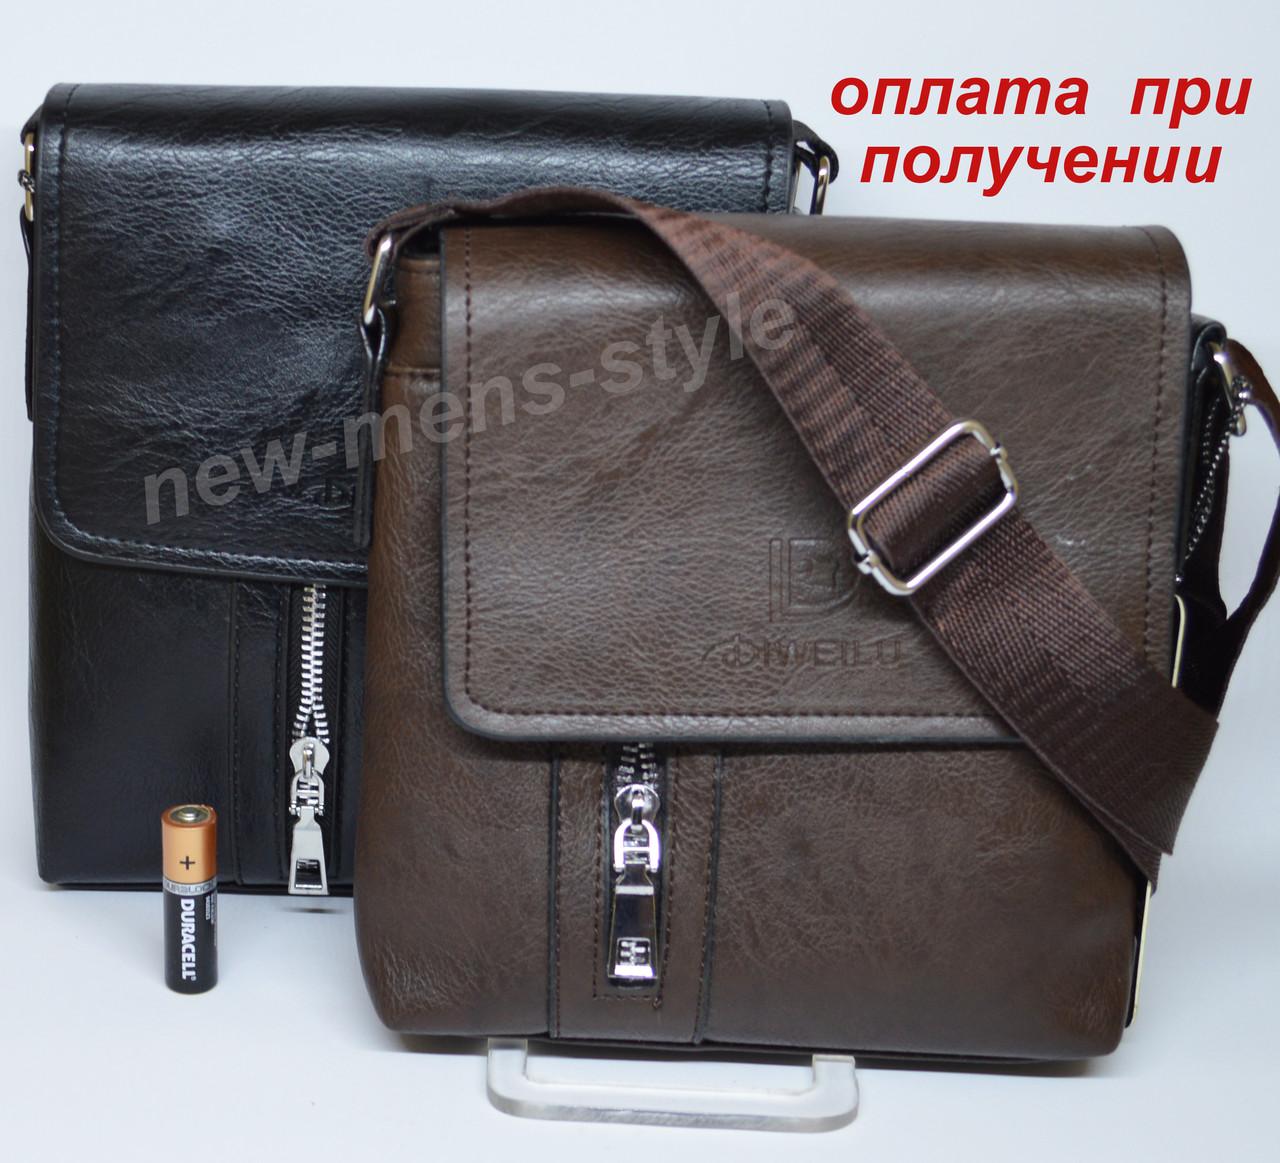 Мужская чоловіча кожаная сумка барсетка борсетка через плечо DIWEILU